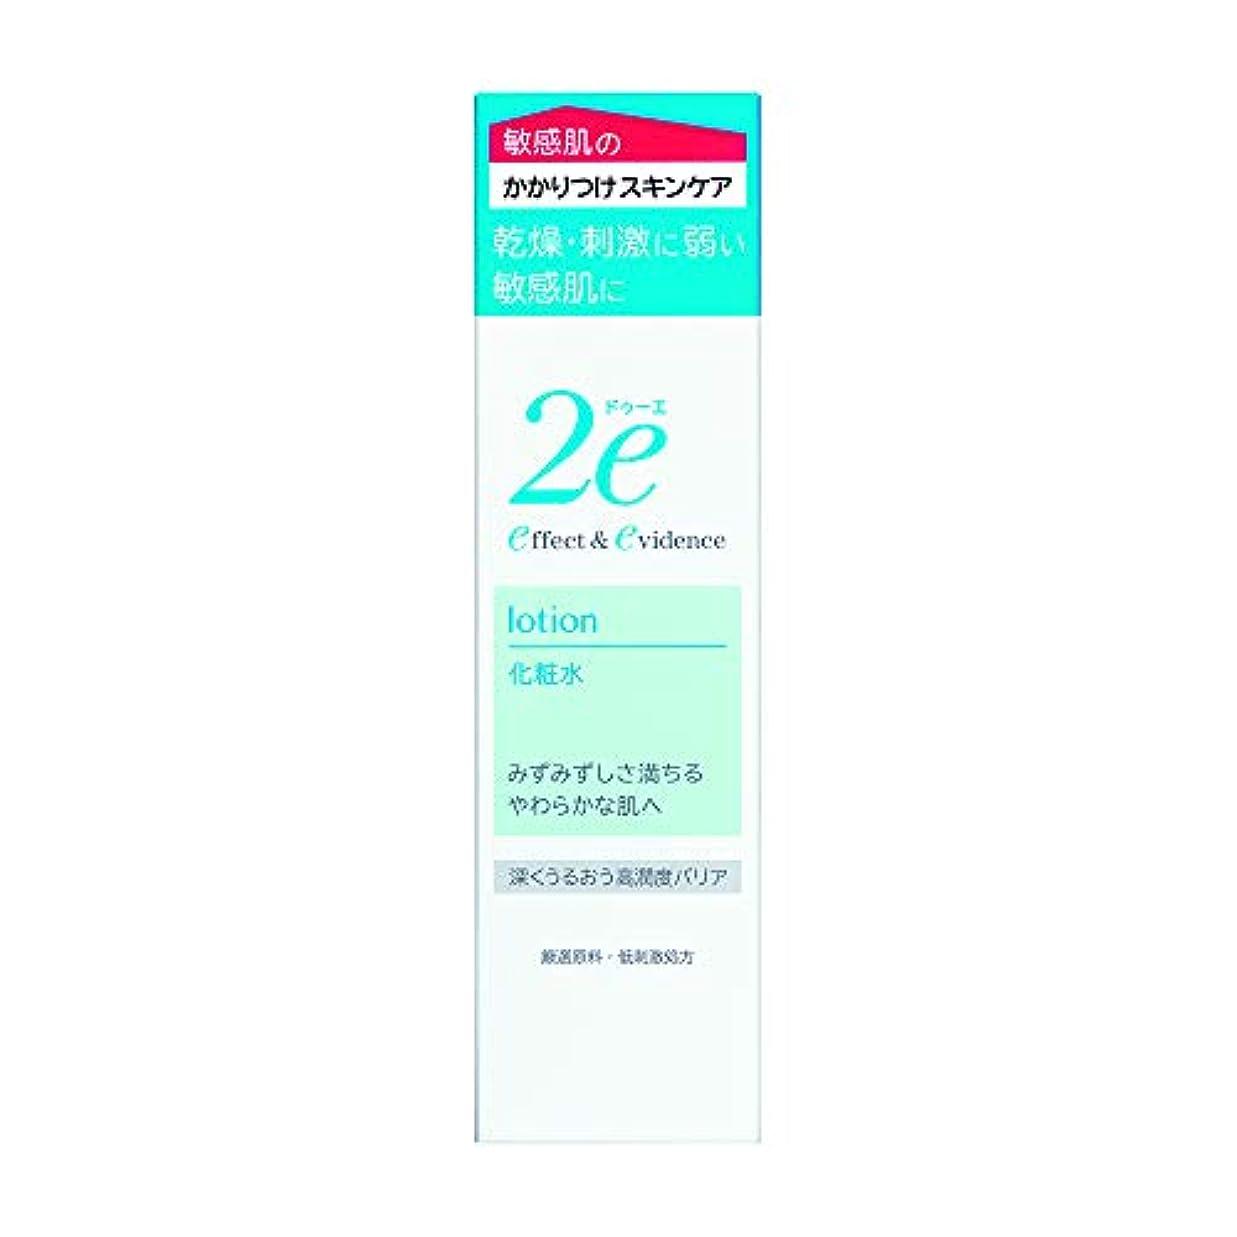 郊外ずらす正規化2e(ドゥーエ) 化粧水 敏感肌用 低刺激処方 深くうるおう高潤度バリア 140ml